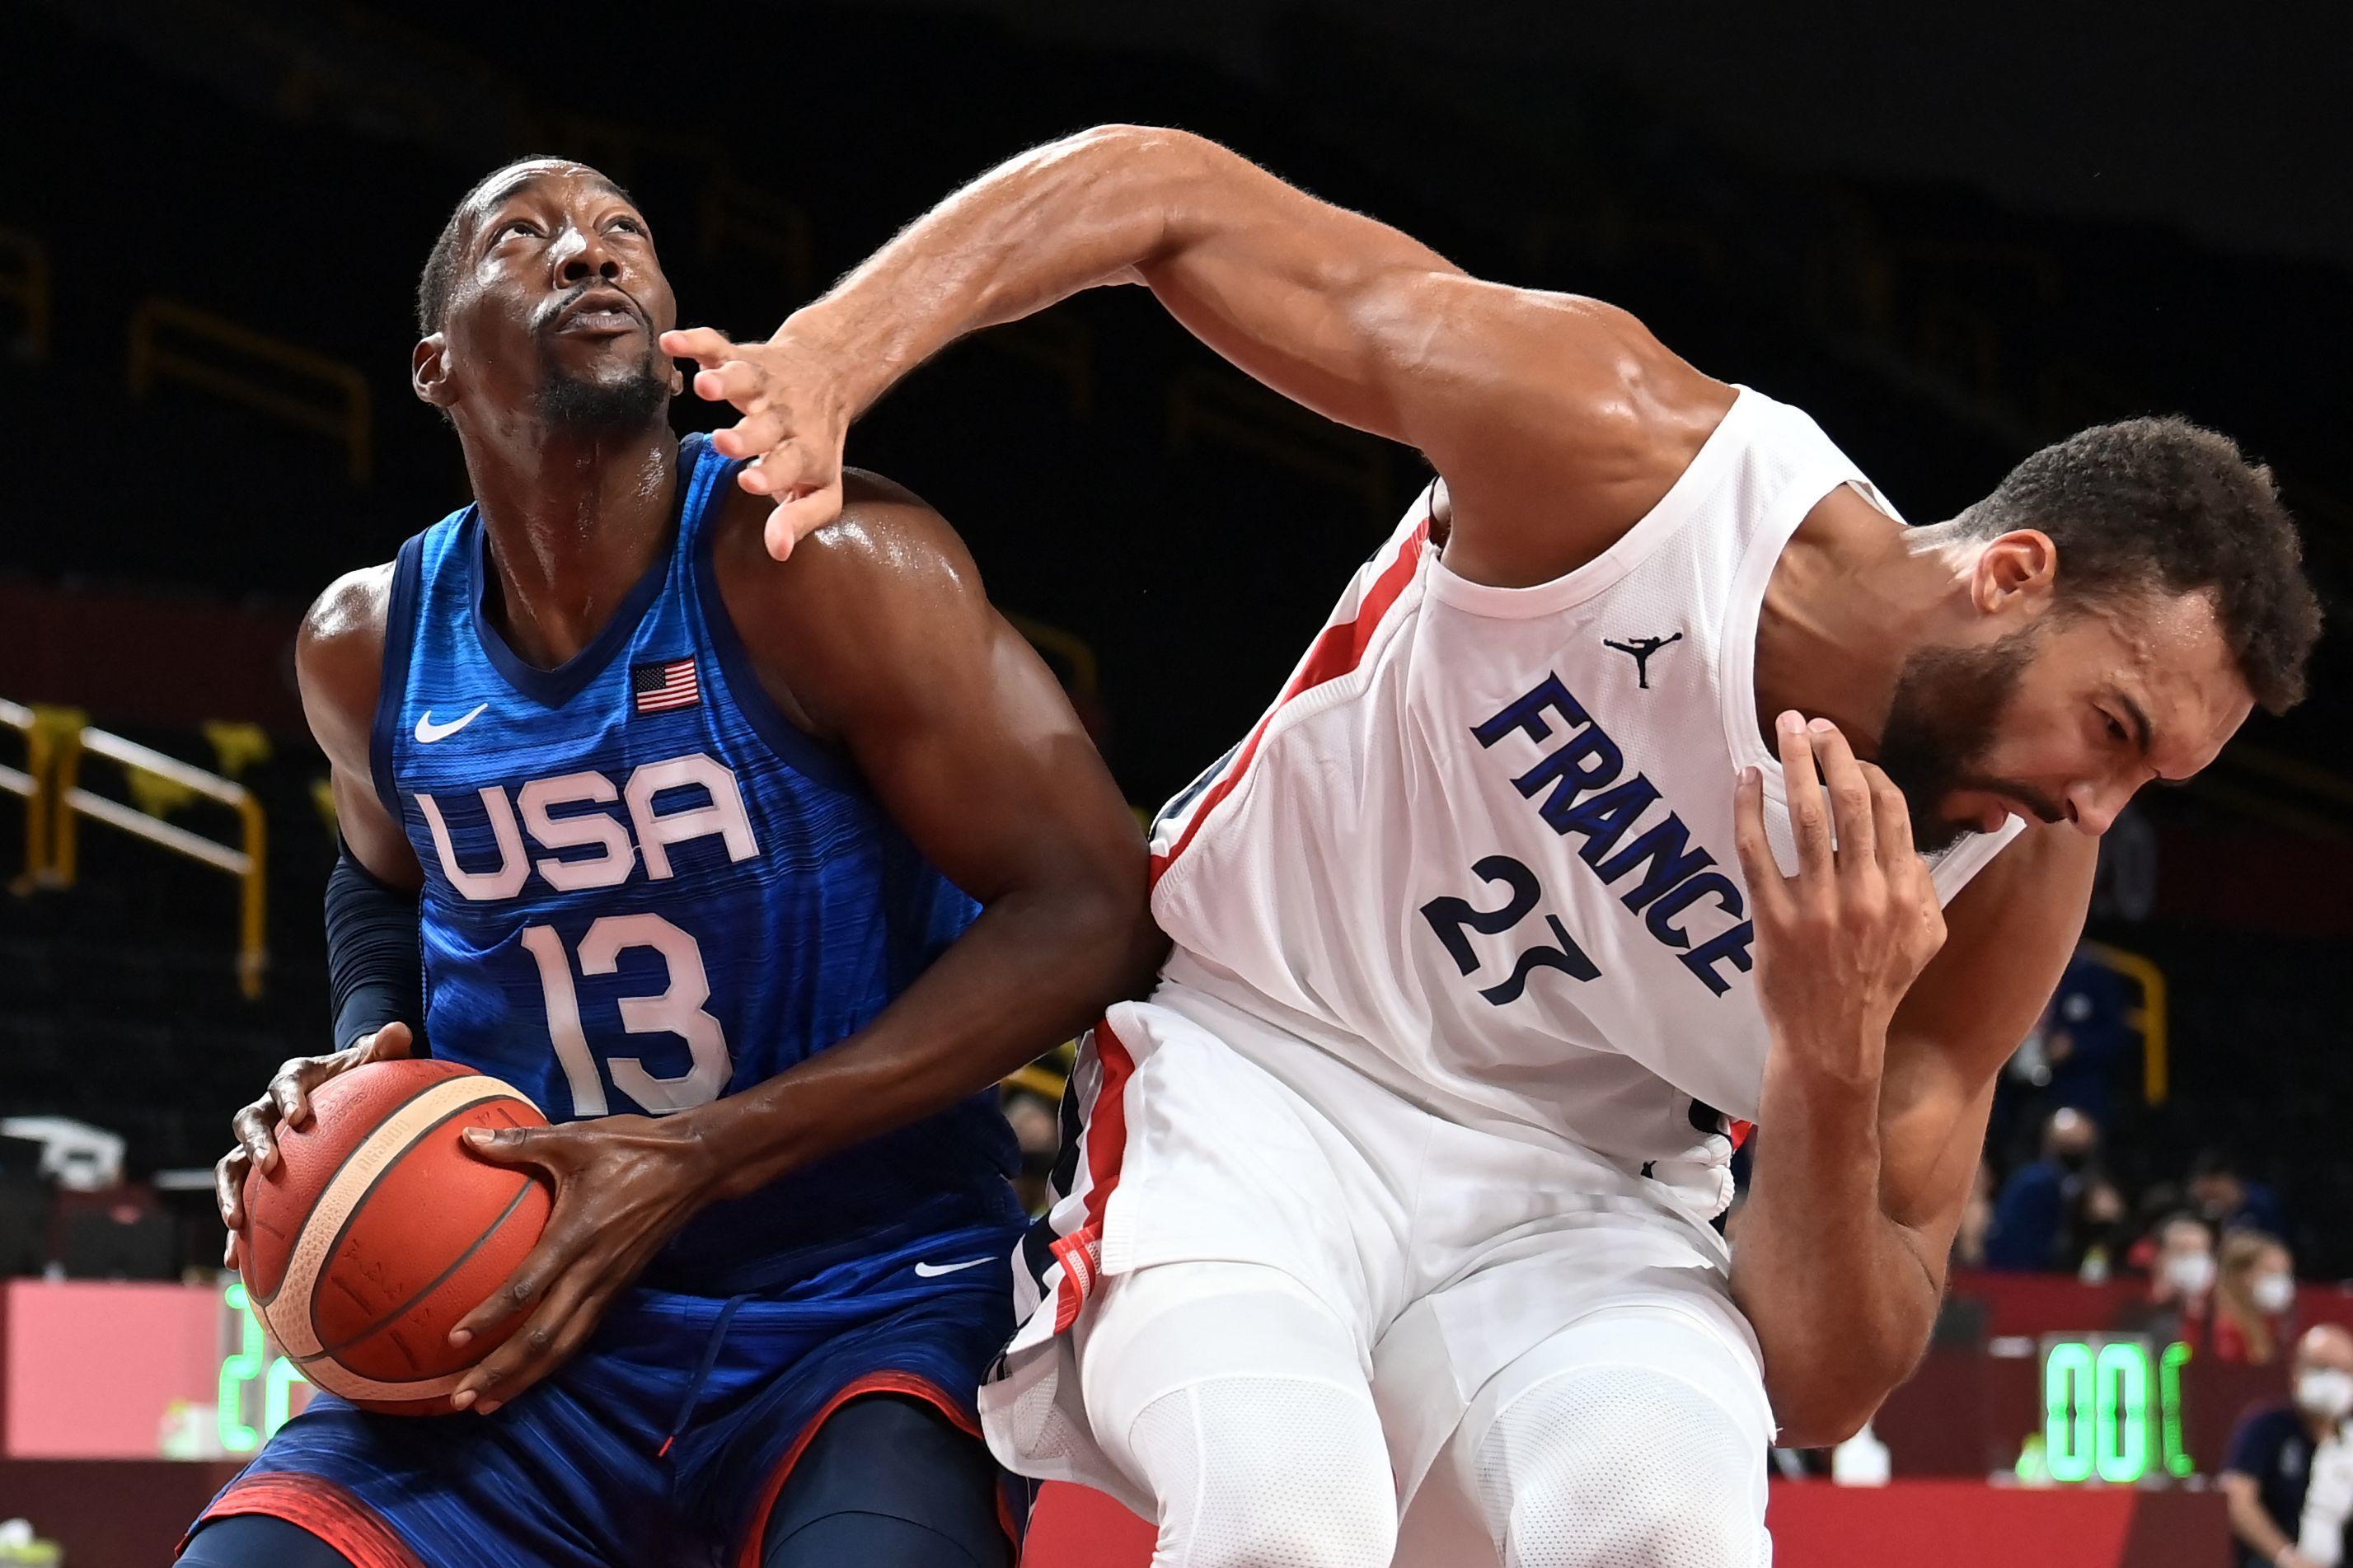 EEUU Francia - baloncesto - Juegos Olímpicos 2021 - Tokio 2020